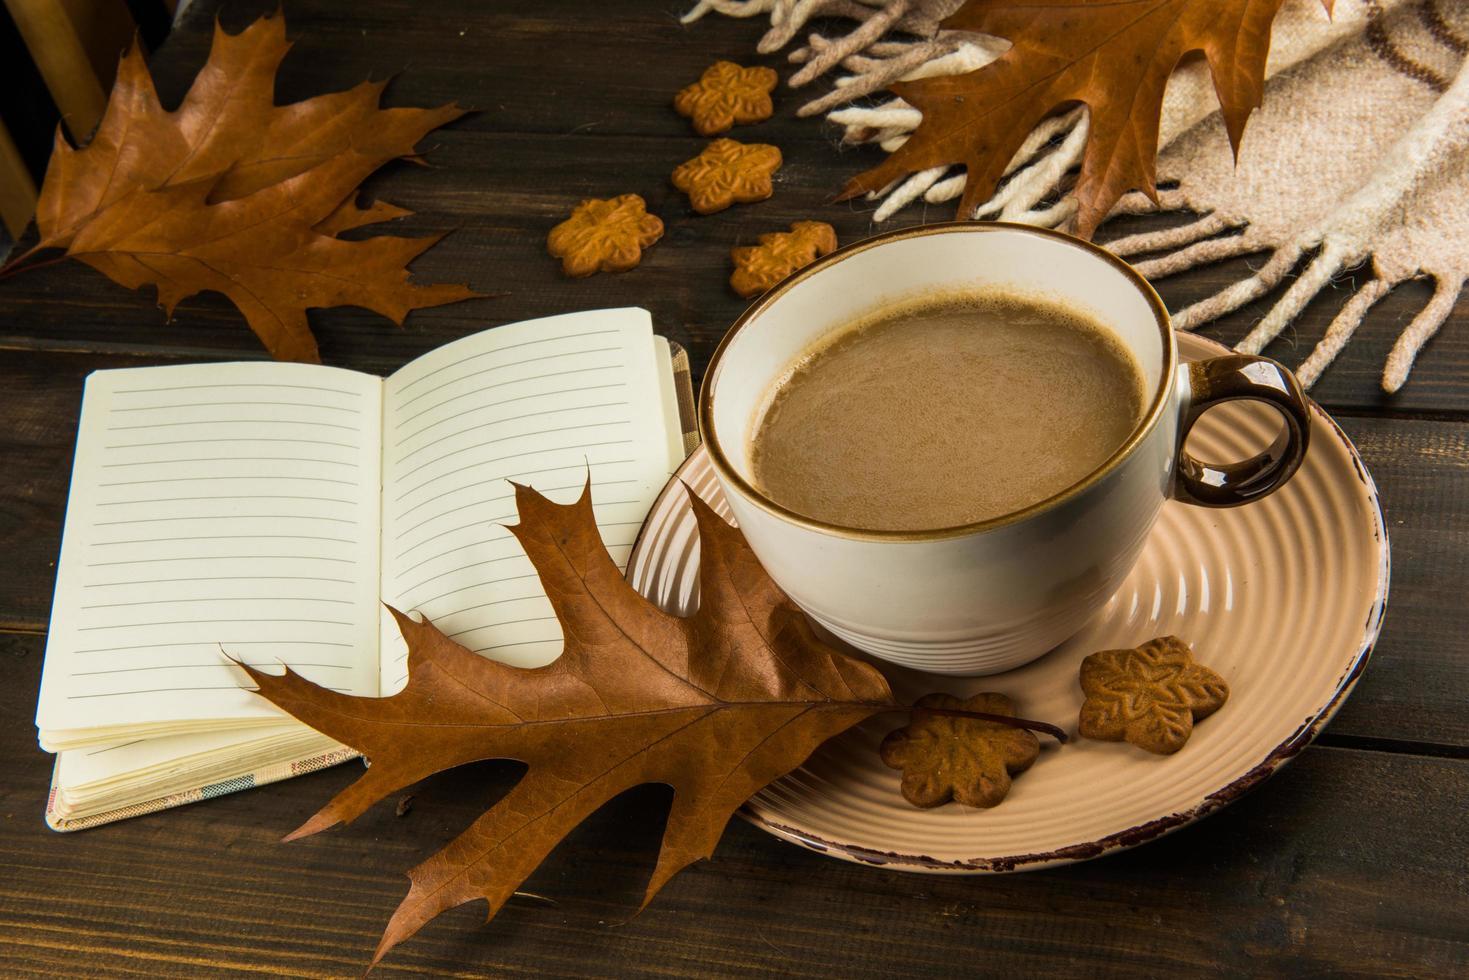 kopp kaffe med löv, anteckningsbok och kakor foto